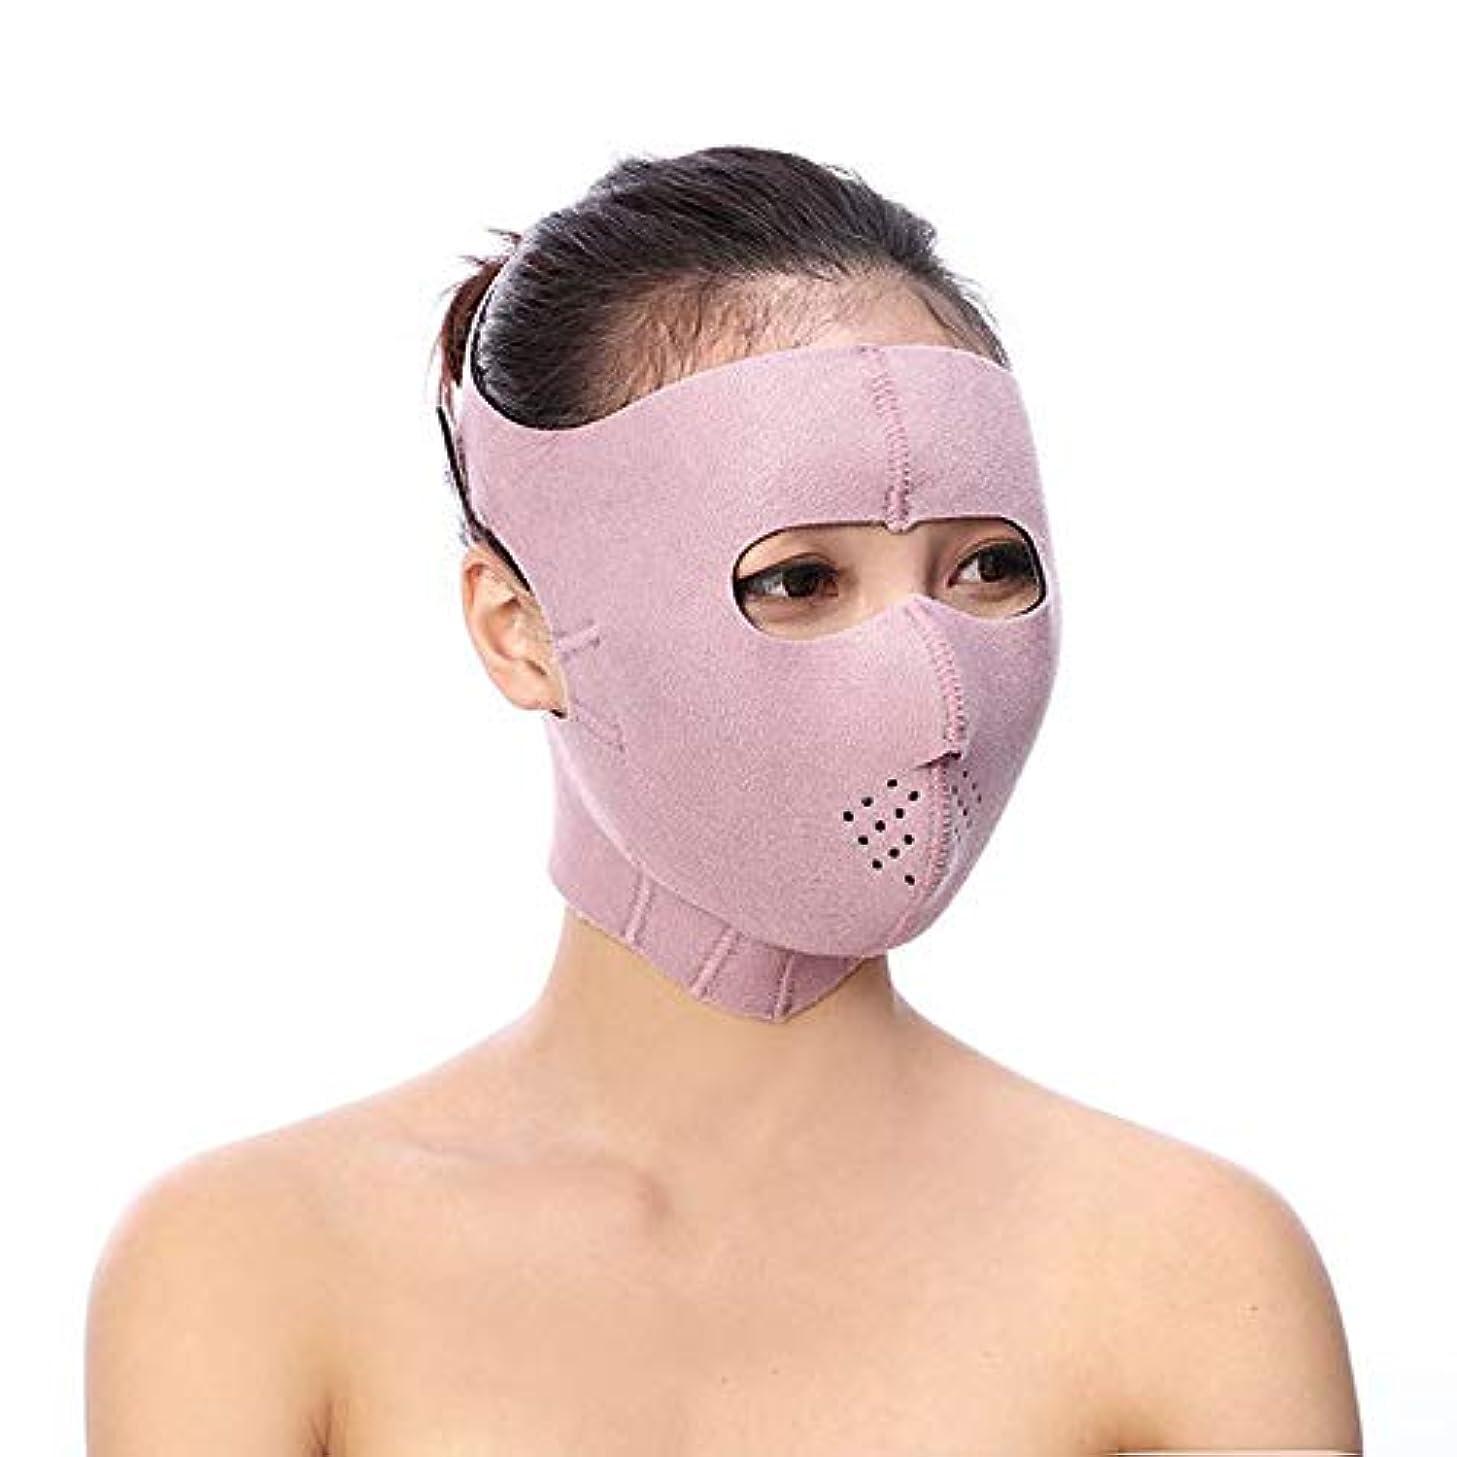 未接続到着するパーセントXINGZHE フェイシャルリフティング痩身ベルト - Vフェイス包帯マスクフェイシャルマッサージャー無料の薄いフェイス包帯整形マスクを引き締める顔と首の顔スリム フェイスリフティングベルト